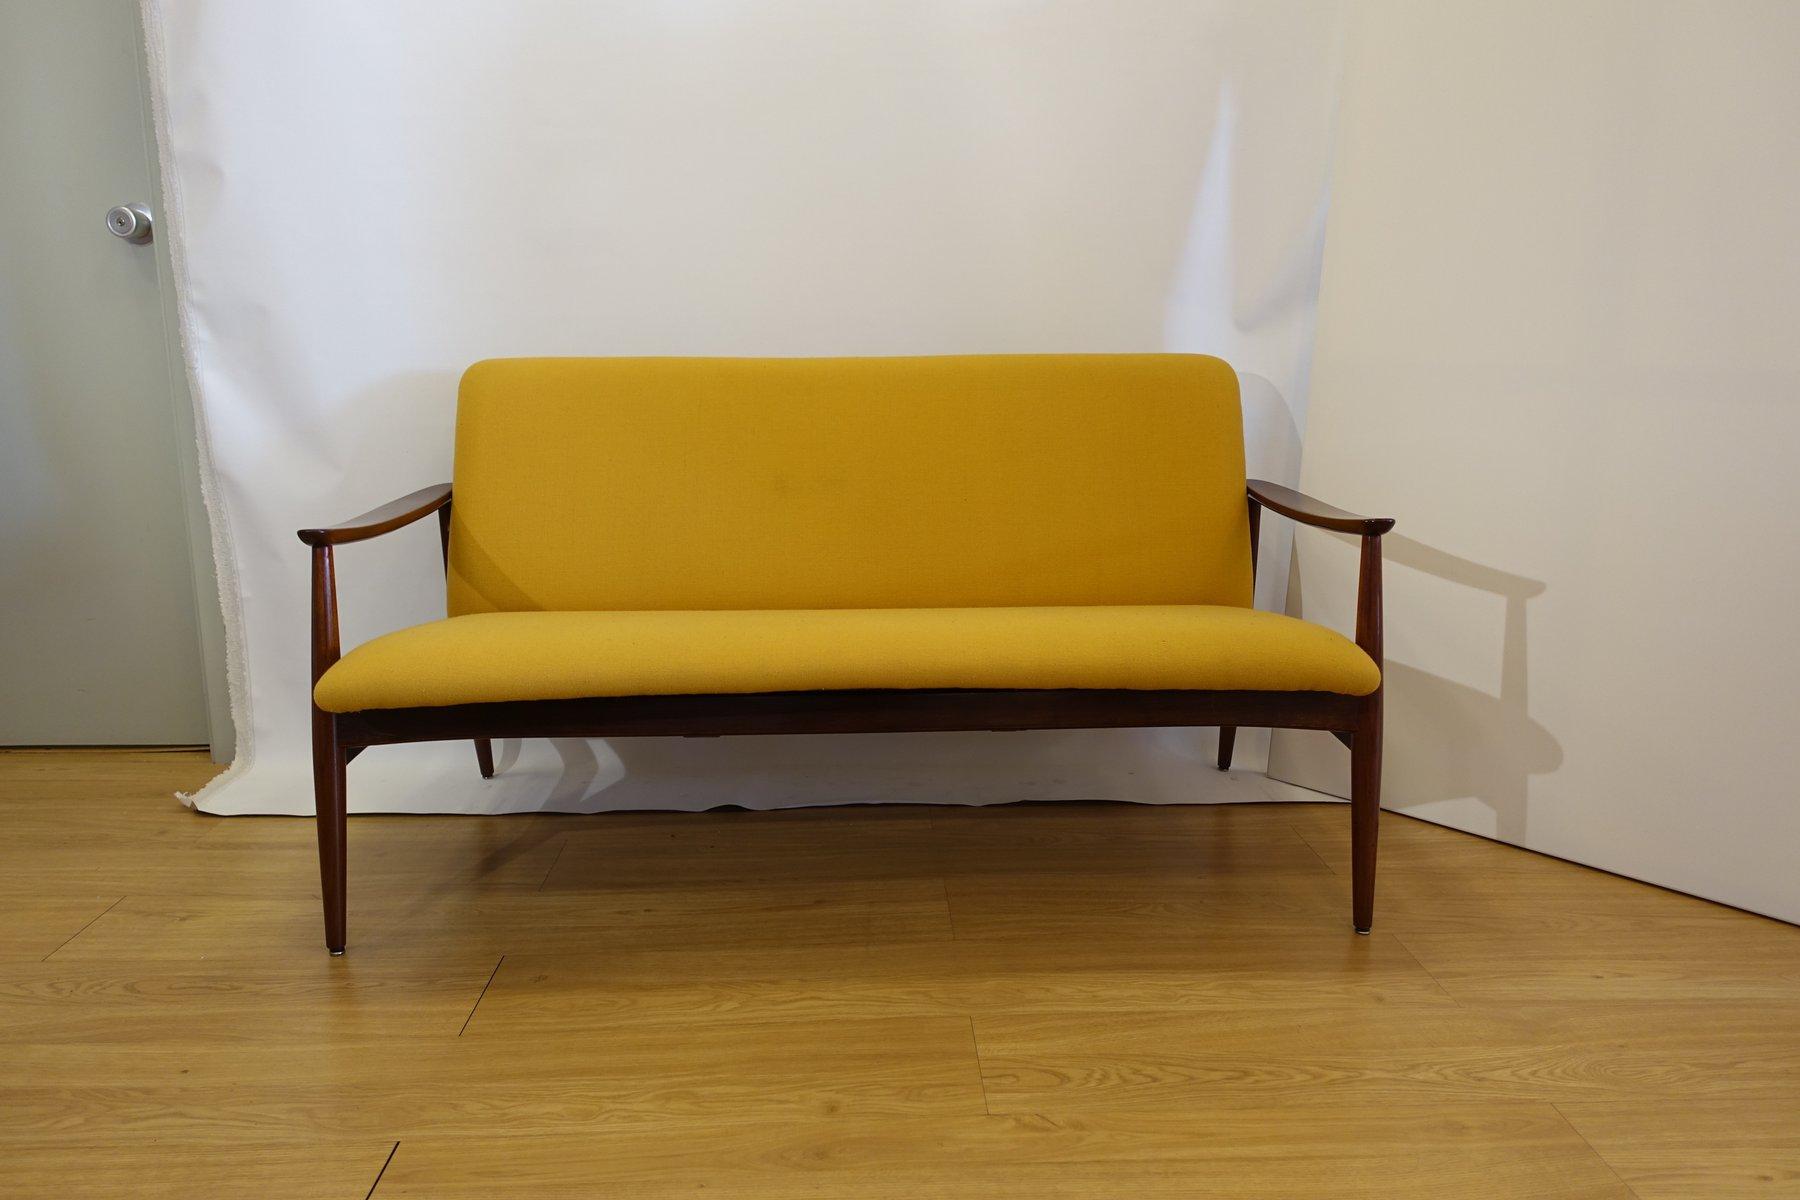 olaio 67 zwei sitzer sofa von jos espinho f r m veis olaio 1967 bei pamono kaufen. Black Bedroom Furniture Sets. Home Design Ideas